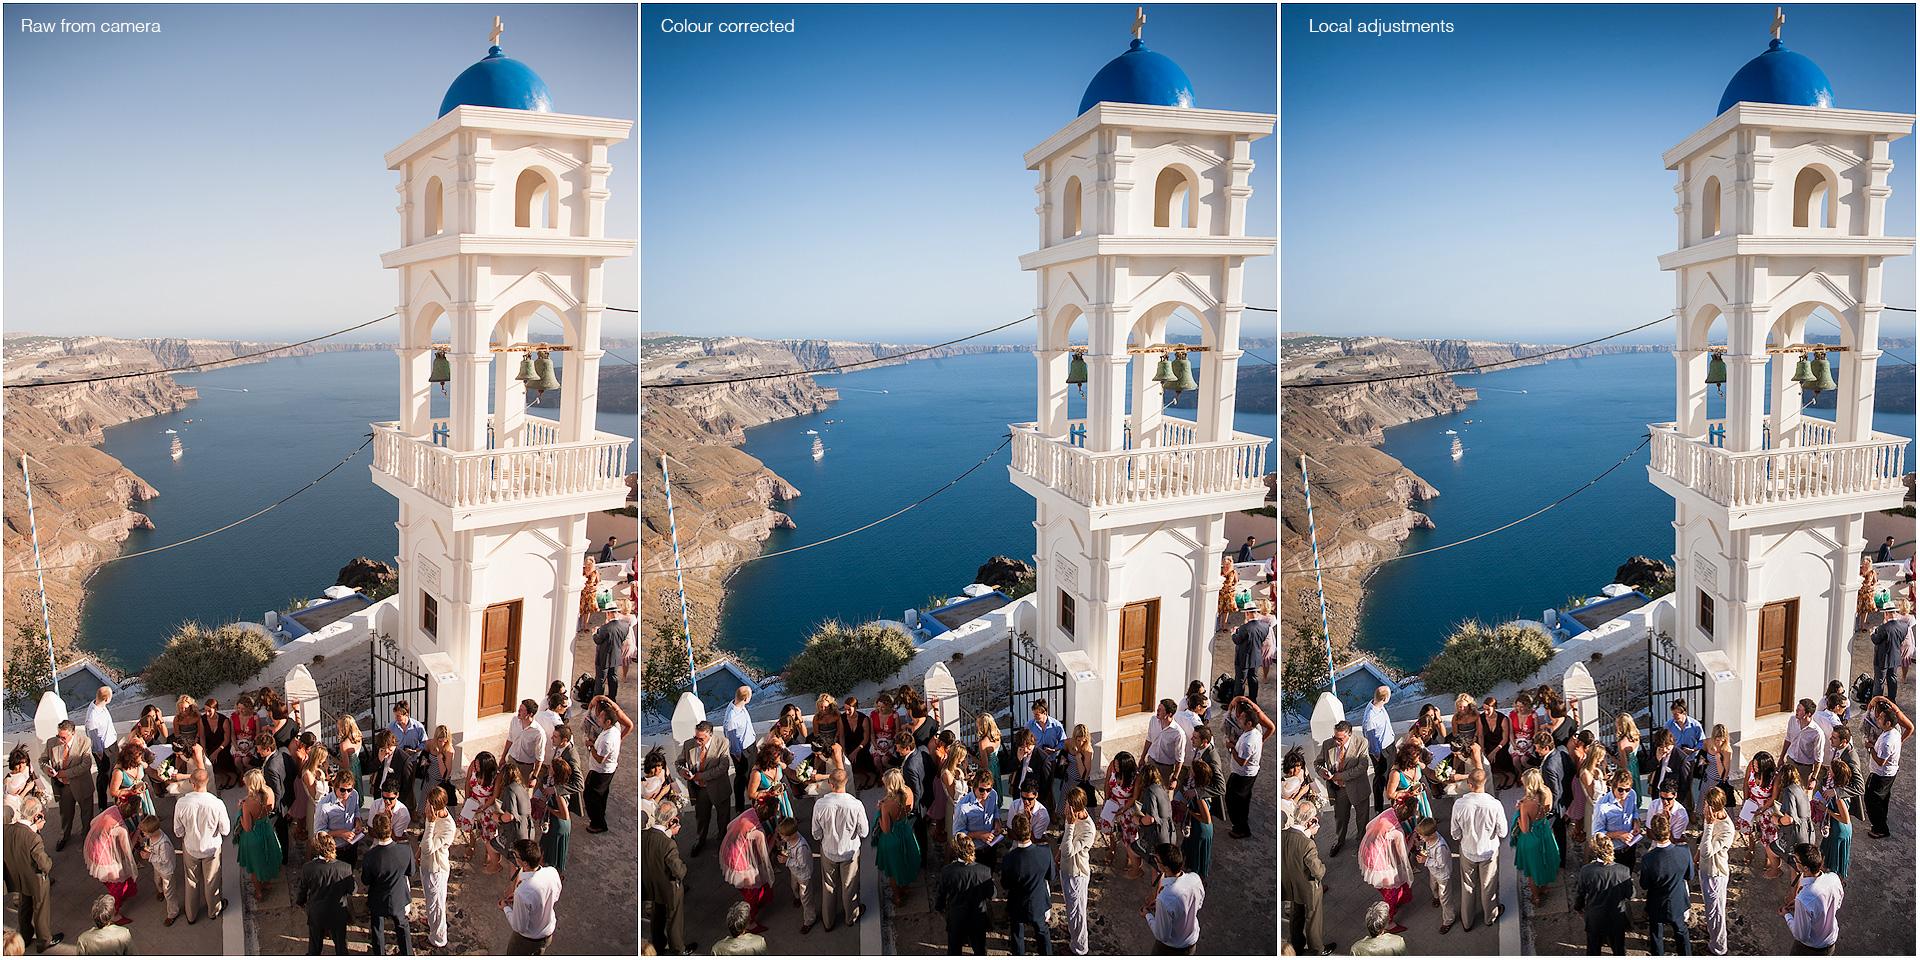 http://d36qisaxgt782m.cloudfront.net/roundcolour/images/cc_wedding_a.jpg